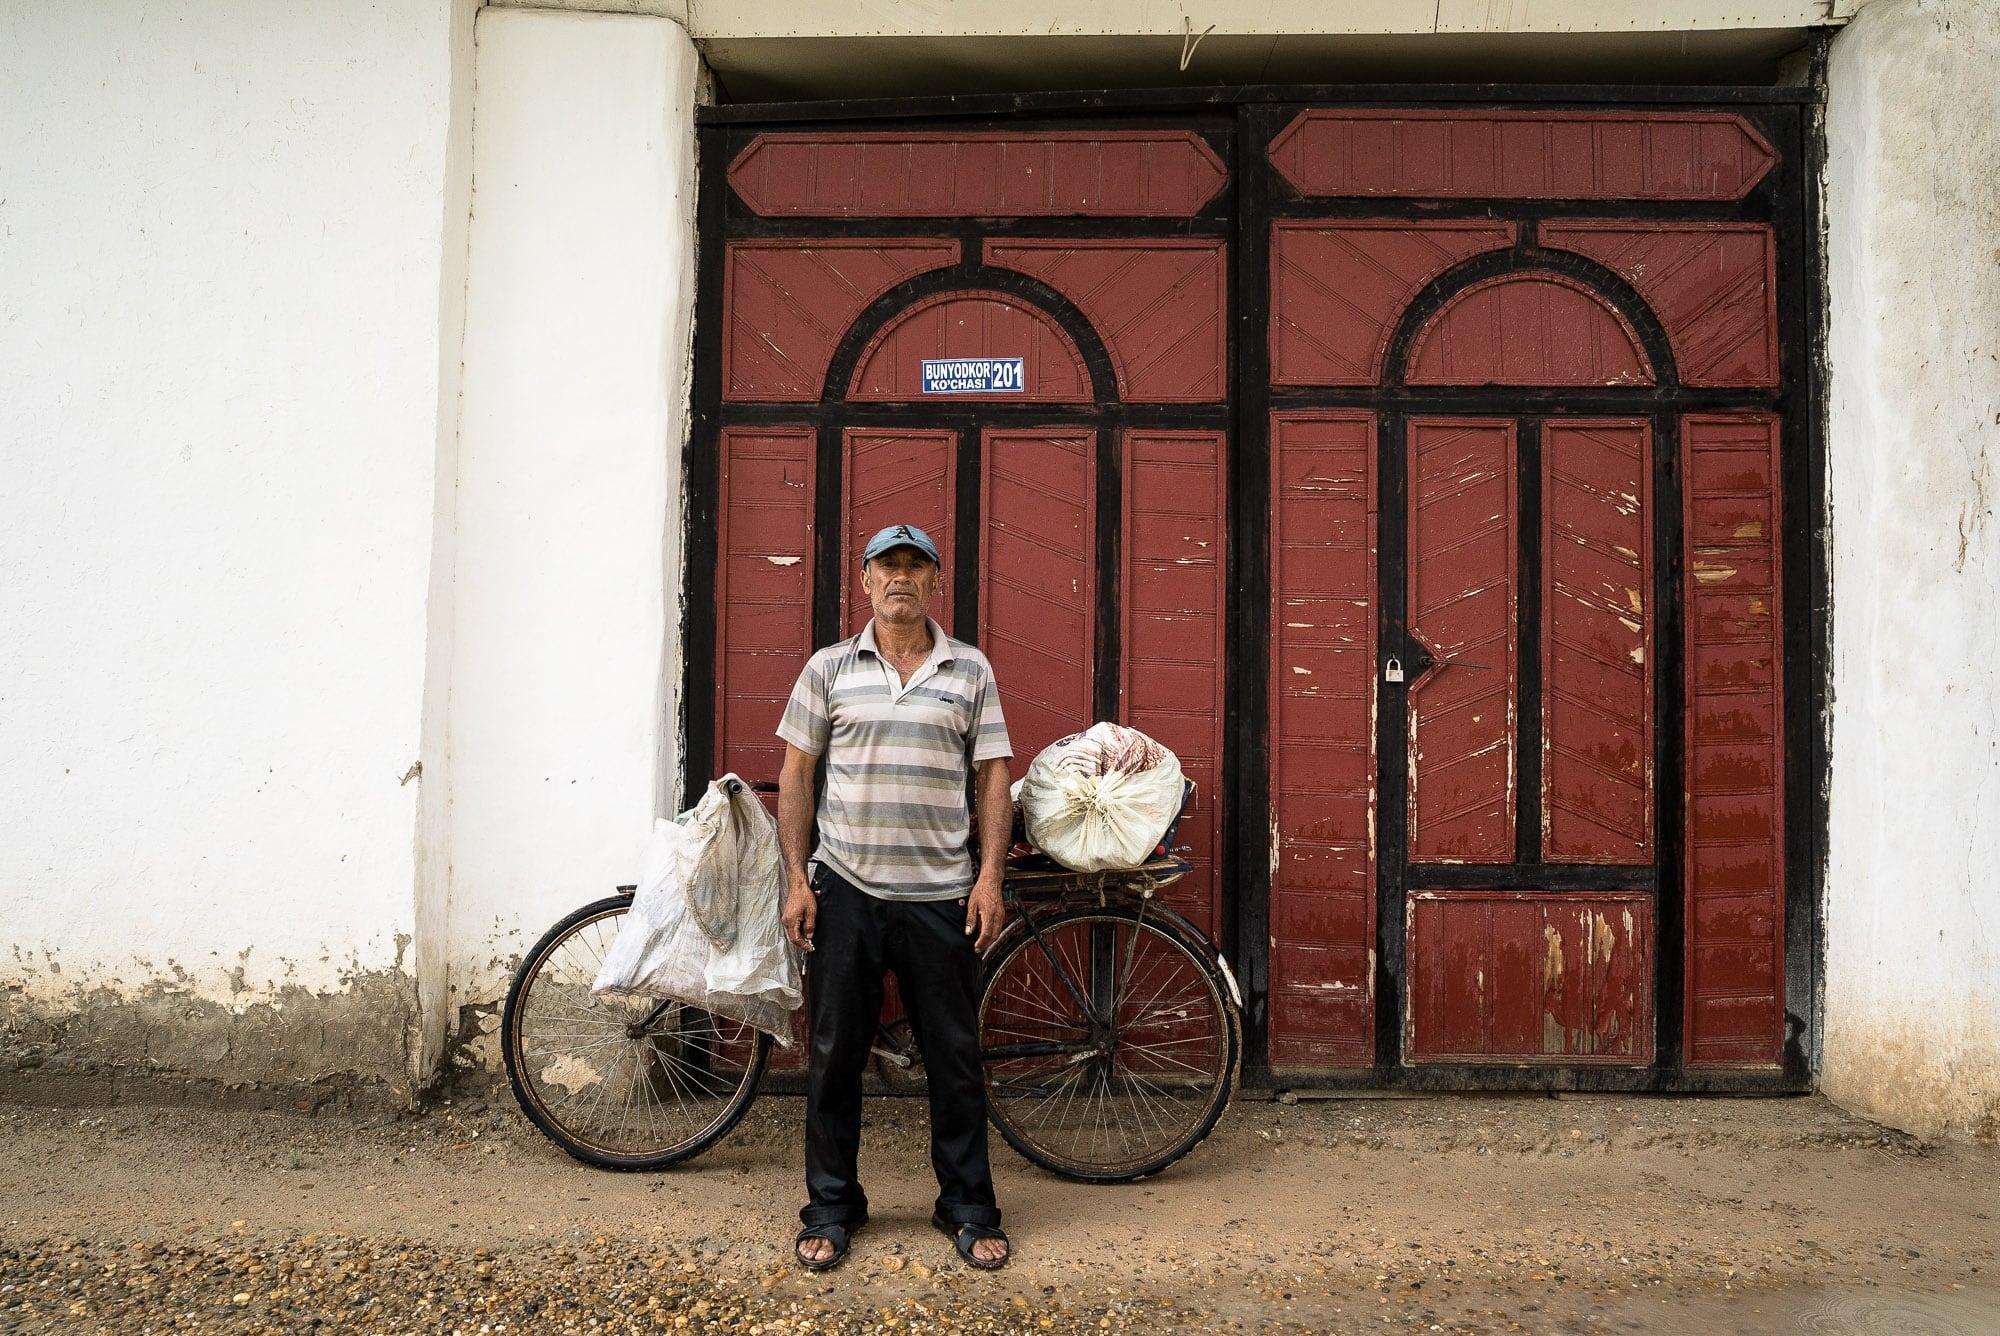 Khalmurat's door